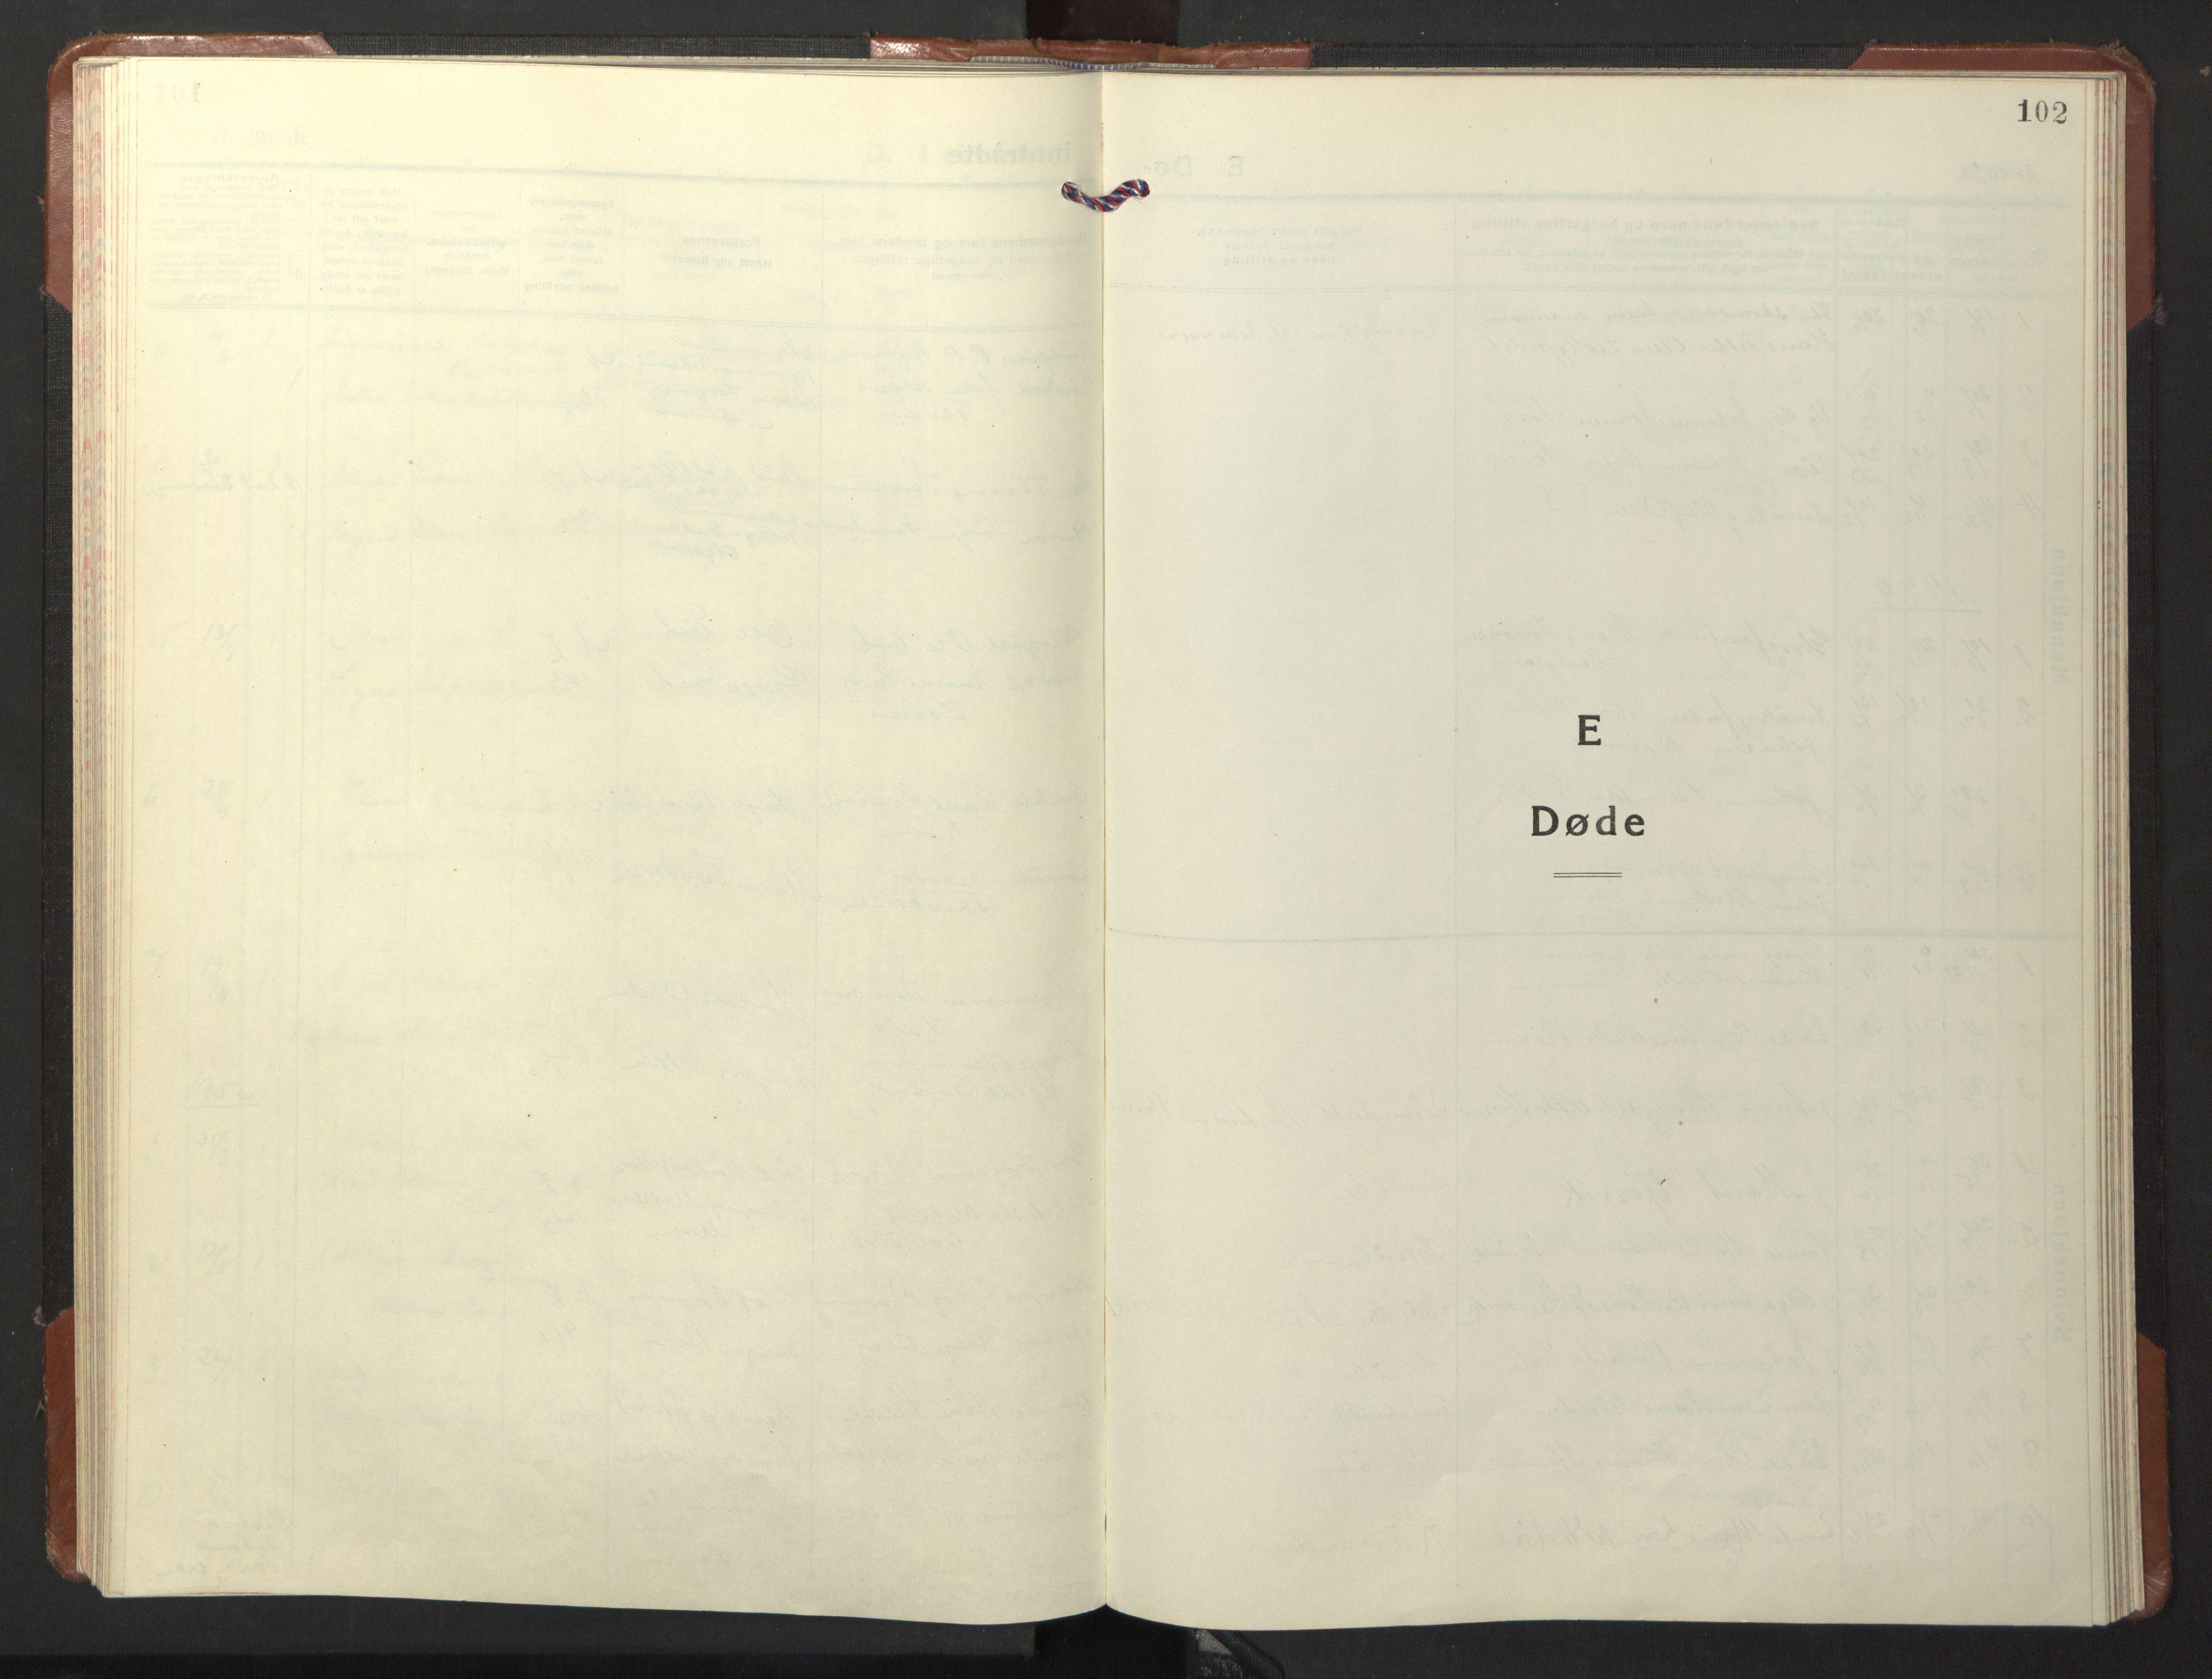 SAT, Ministerialprotokoller, klokkerbøker og fødselsregistre - Nord-Trøndelag, 722/L0227: Klokkerbok nr. 722C03, 1928-1958, s. 102